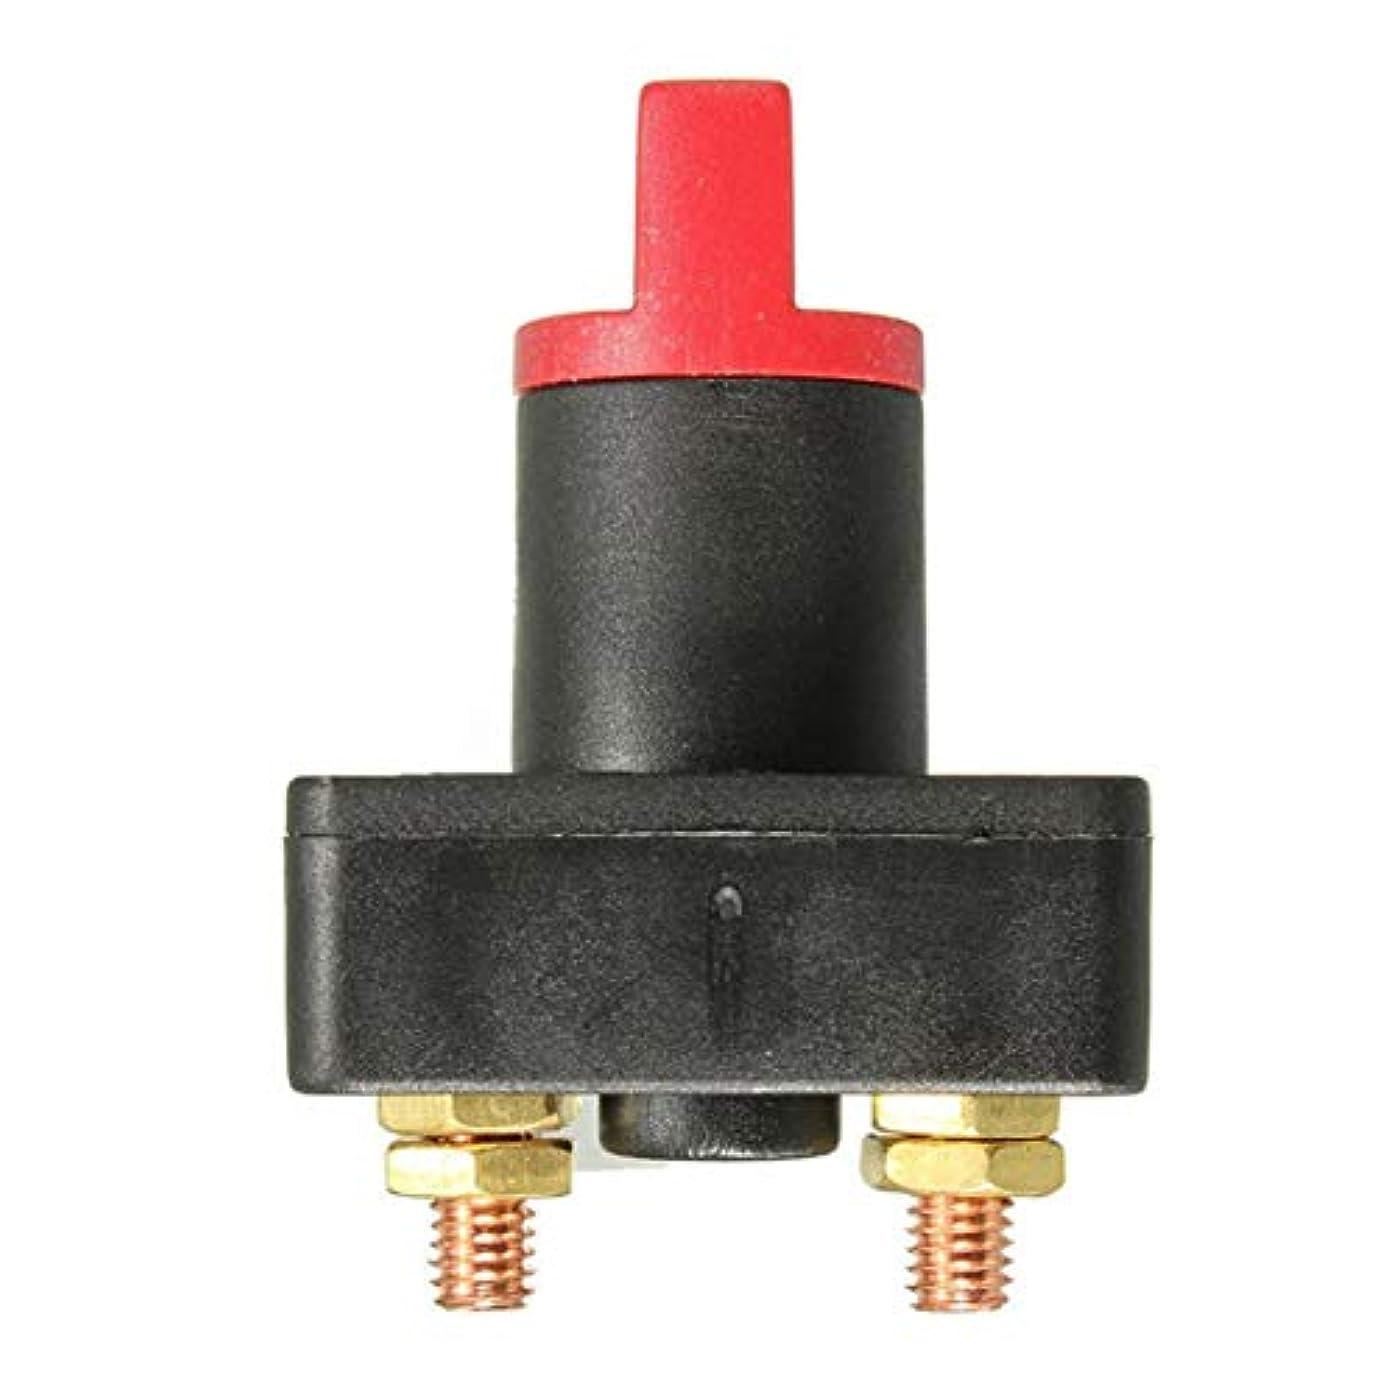 酸化物無許可酒YD089バッテリースイッチ電源切断ロータリースイッチ-ブラック&レッド